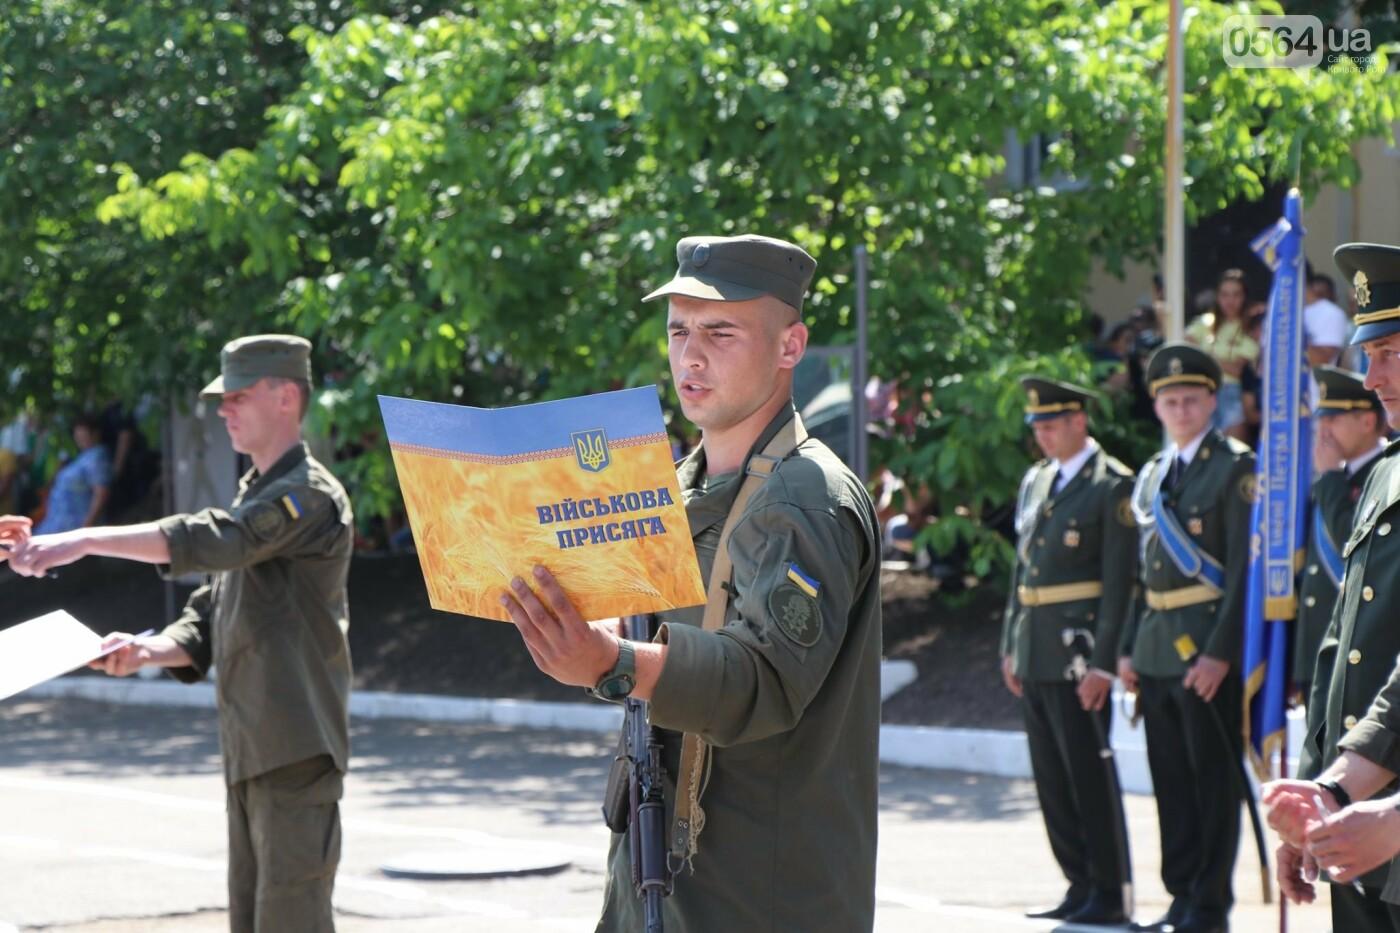 В Кривом Роге 168 нацгвардейцев торжественно приняли присягу на верность украинскому народу, - ФОТО, фото-8